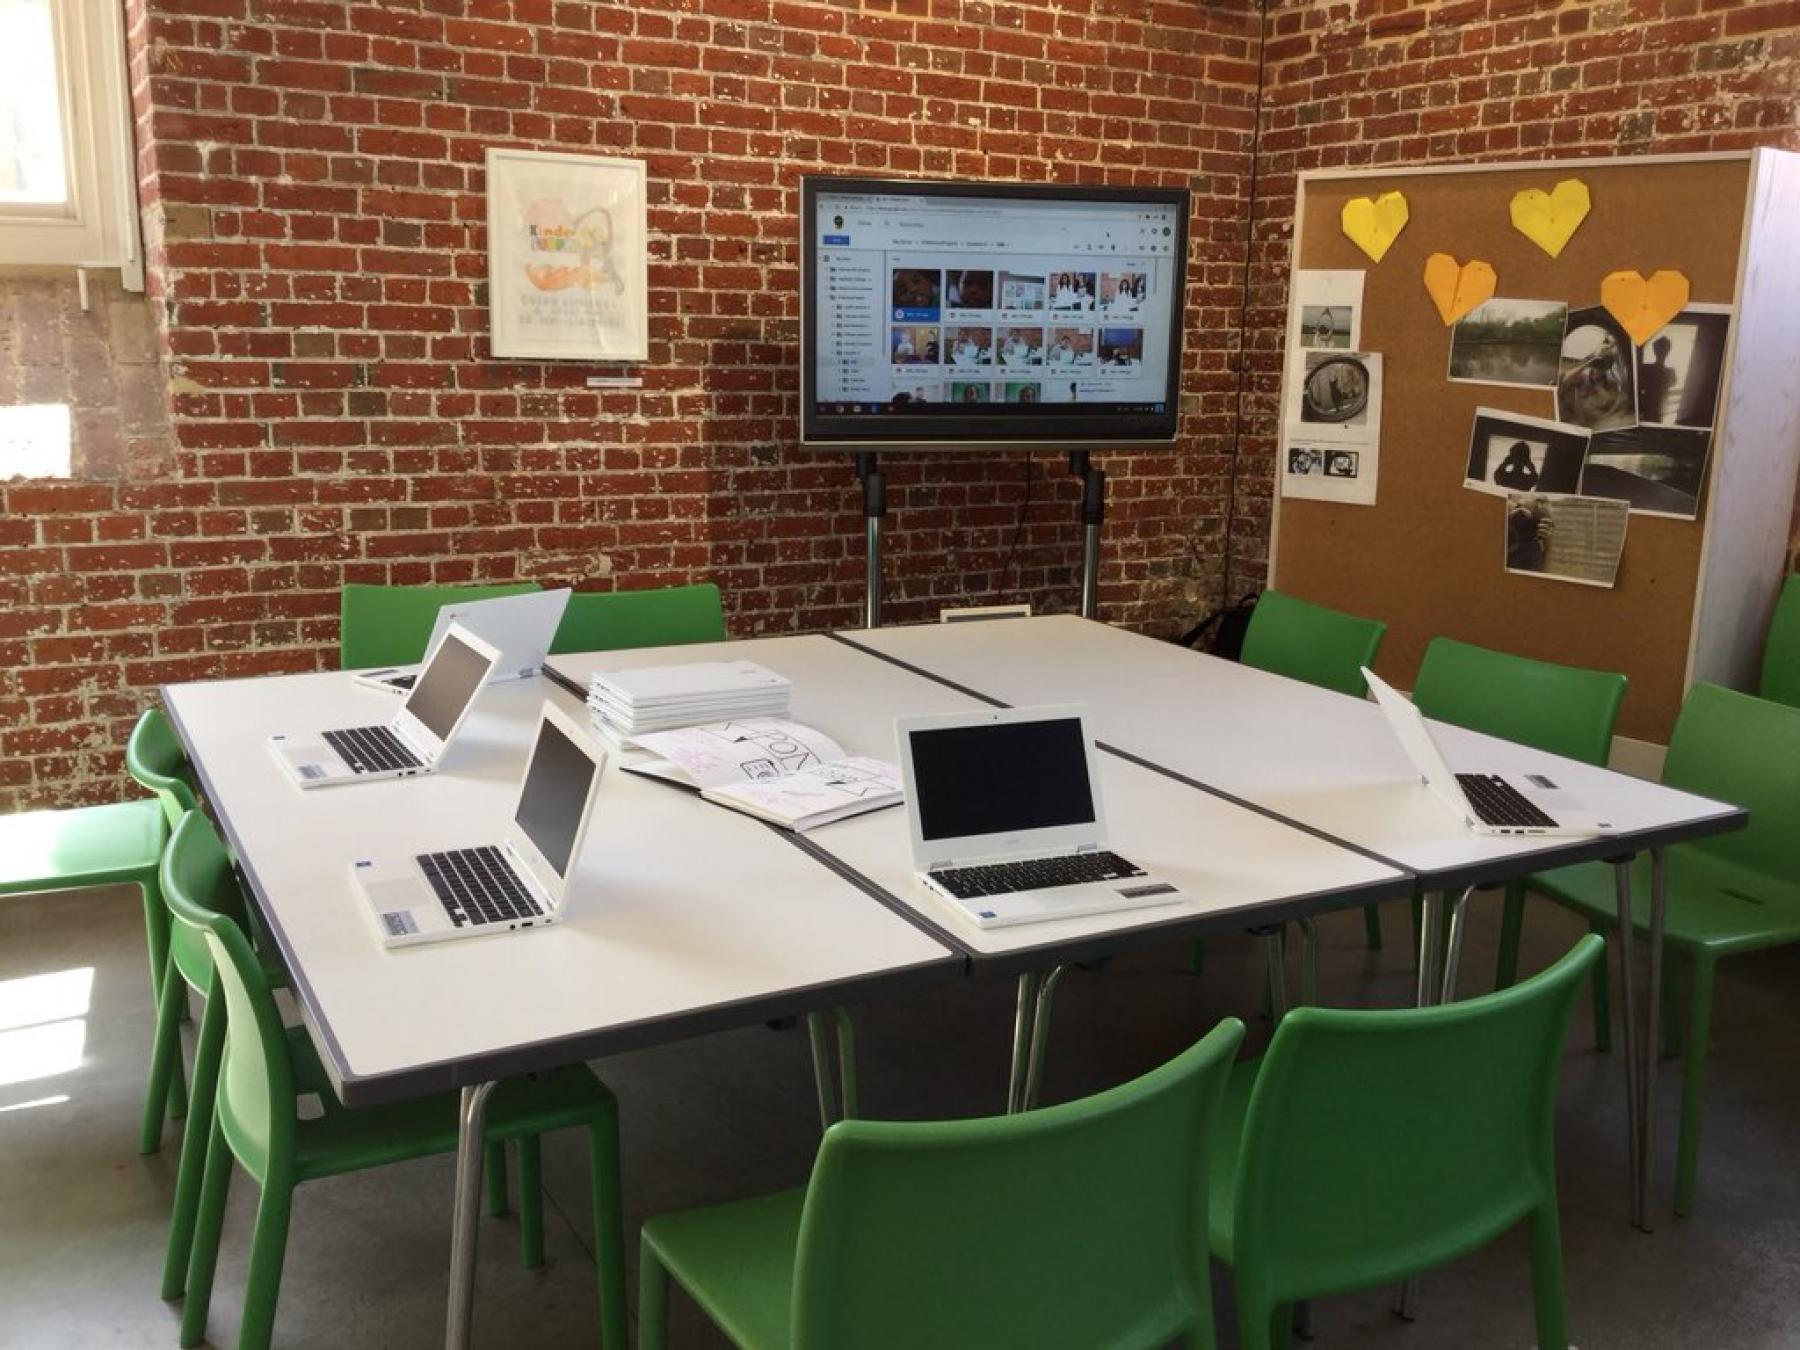 Mise en place de la semaine 5 de la participation et de l'apprentissage à la Galerie Aspex